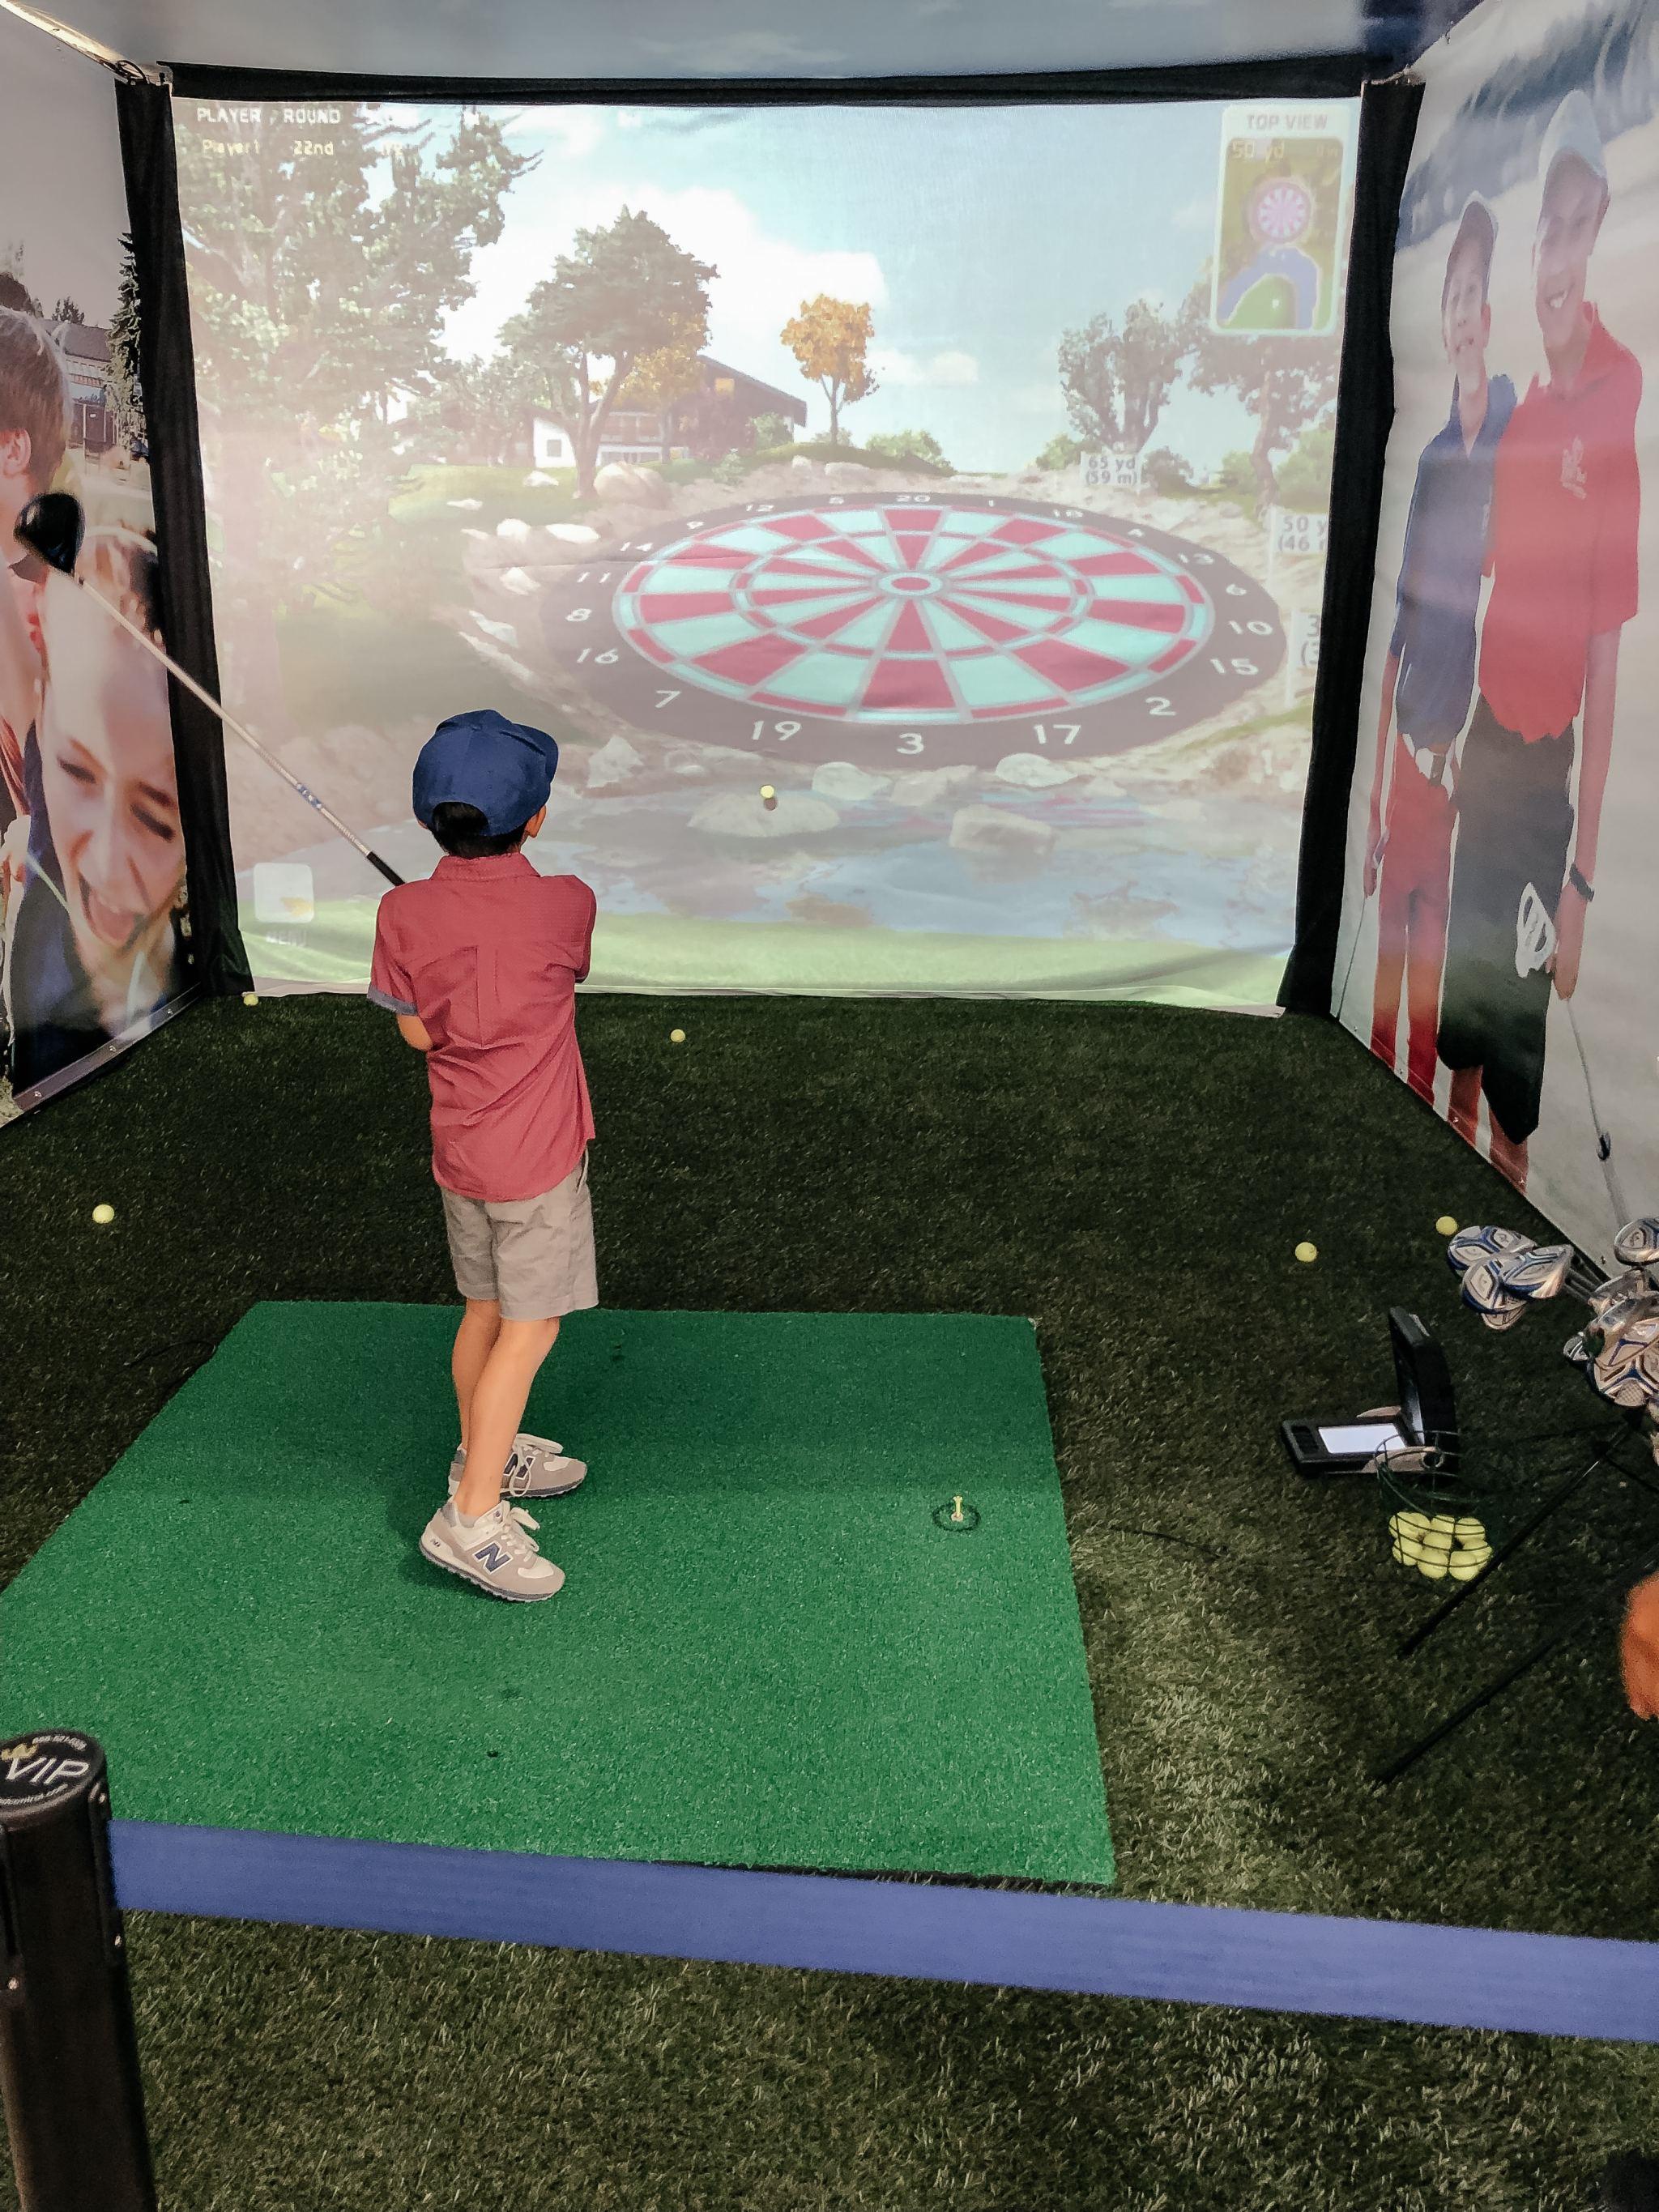 pieces_of_emerald_us_open_indoor_golf